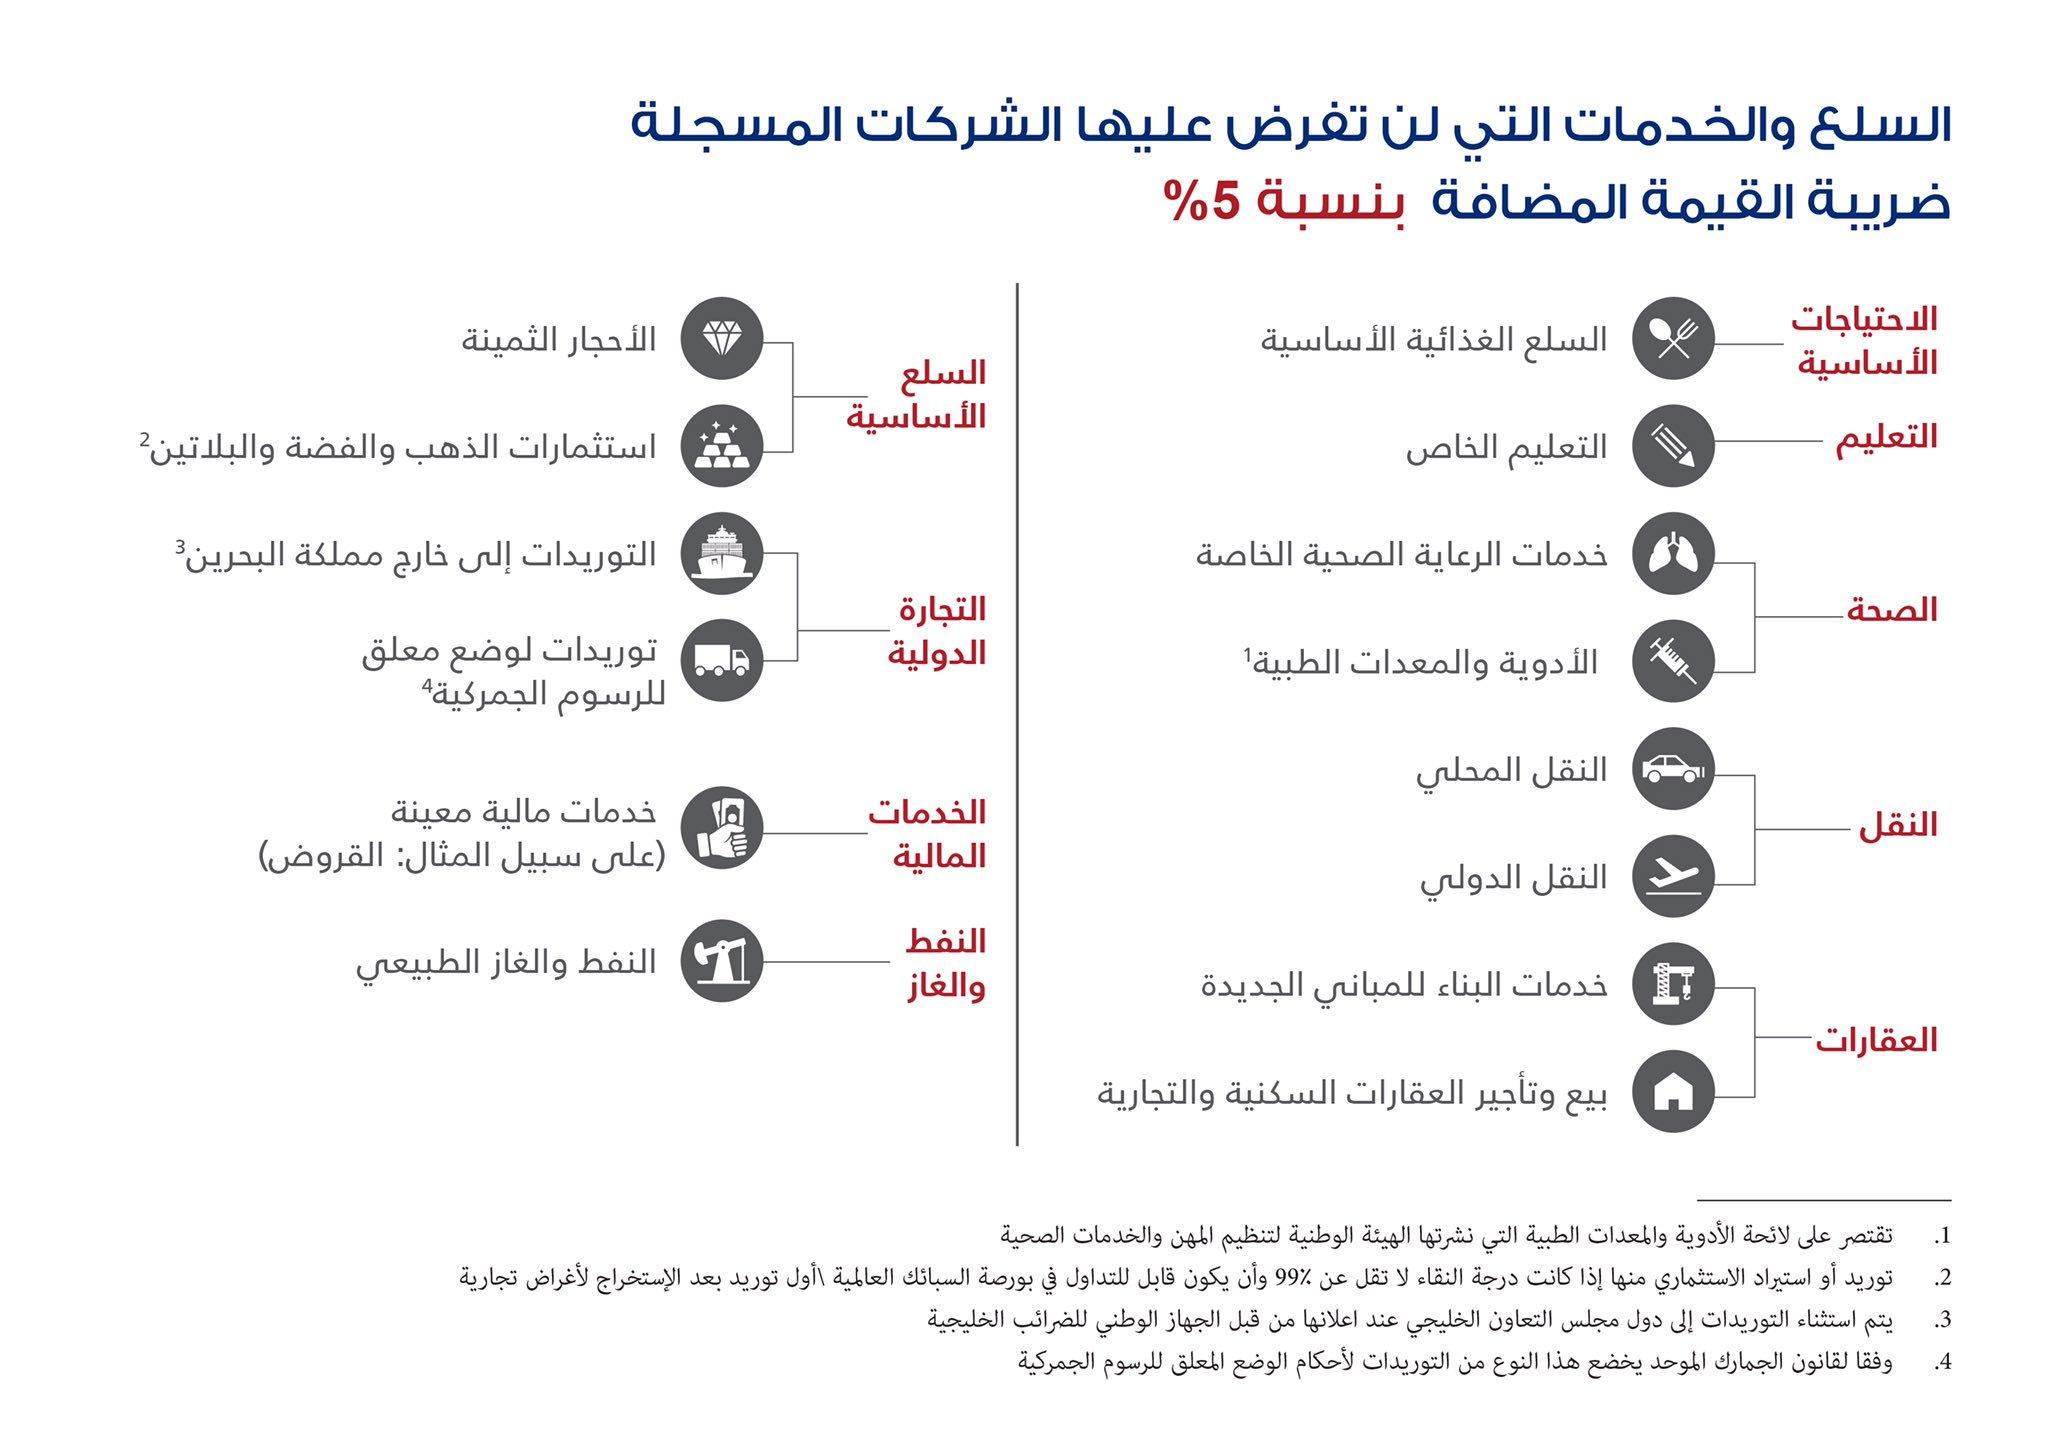 مباشر يرصد السلع والخدمات المعفاة من القيمة المضافة في البحرين